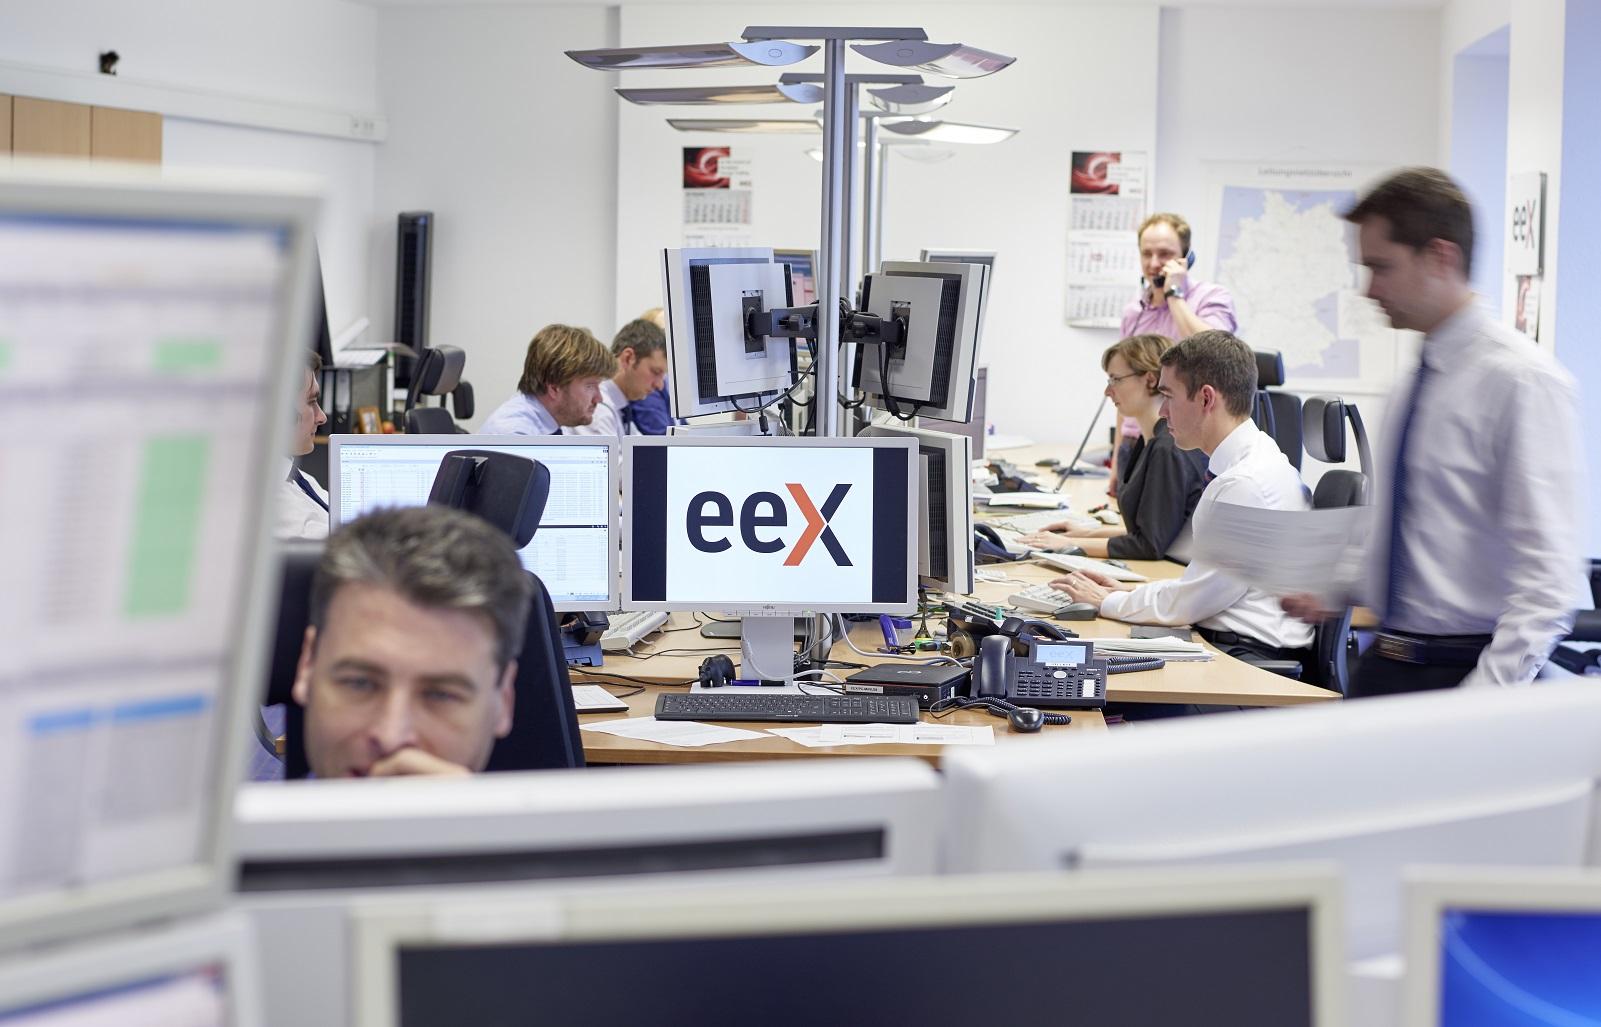 KWK-Index zum zweiten Mal über 5 Cent Marke